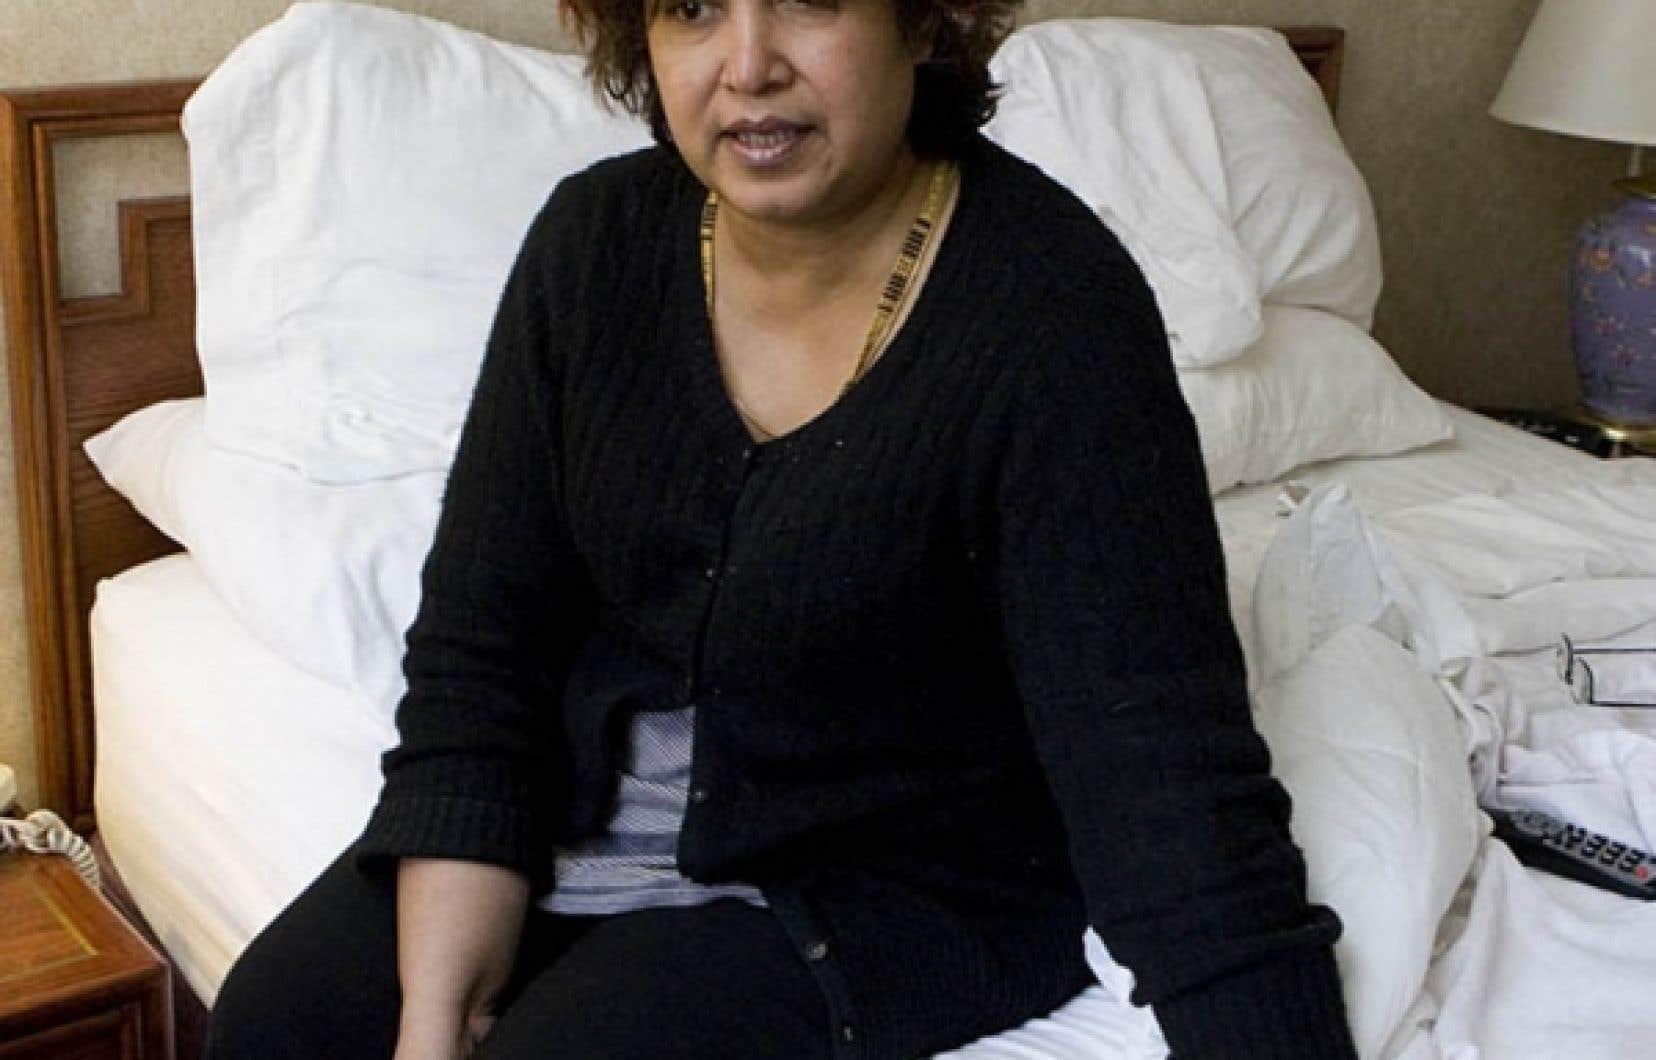 Taslima Nasreen dans sa chambre d'hôtel à Montréal. L'écrivaine est venue donner des conférences à l'occasion du festival littéraire Métropolis bleu.<br />